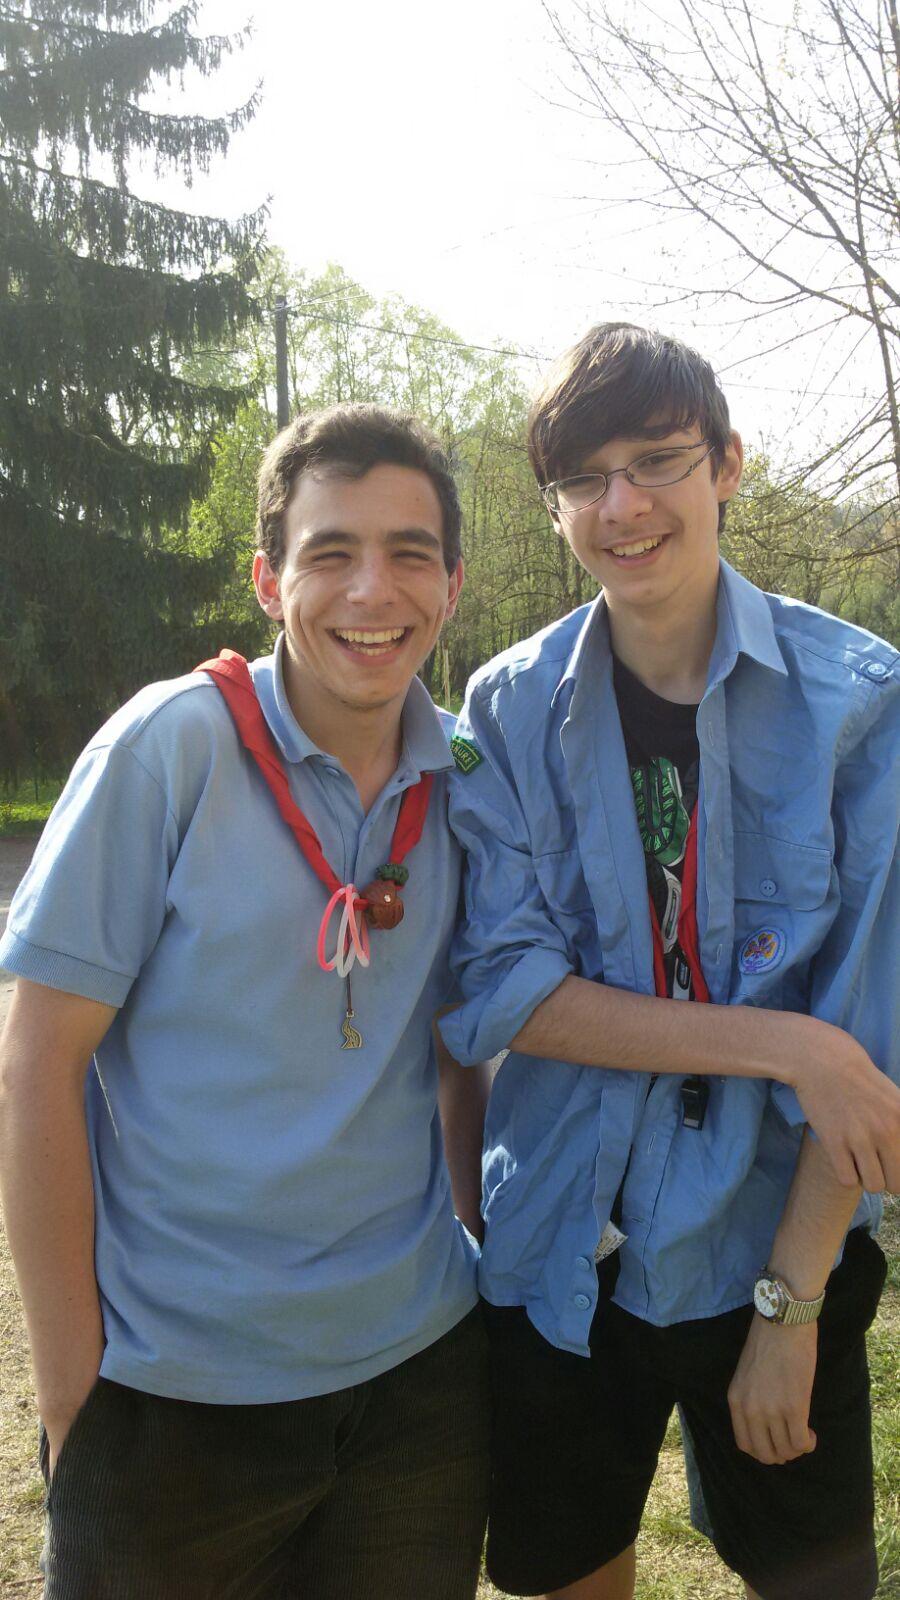 I nostri due giovani e sorridenti portacolori alla Challenge di zona di quest'anno, Nicola e Luca.